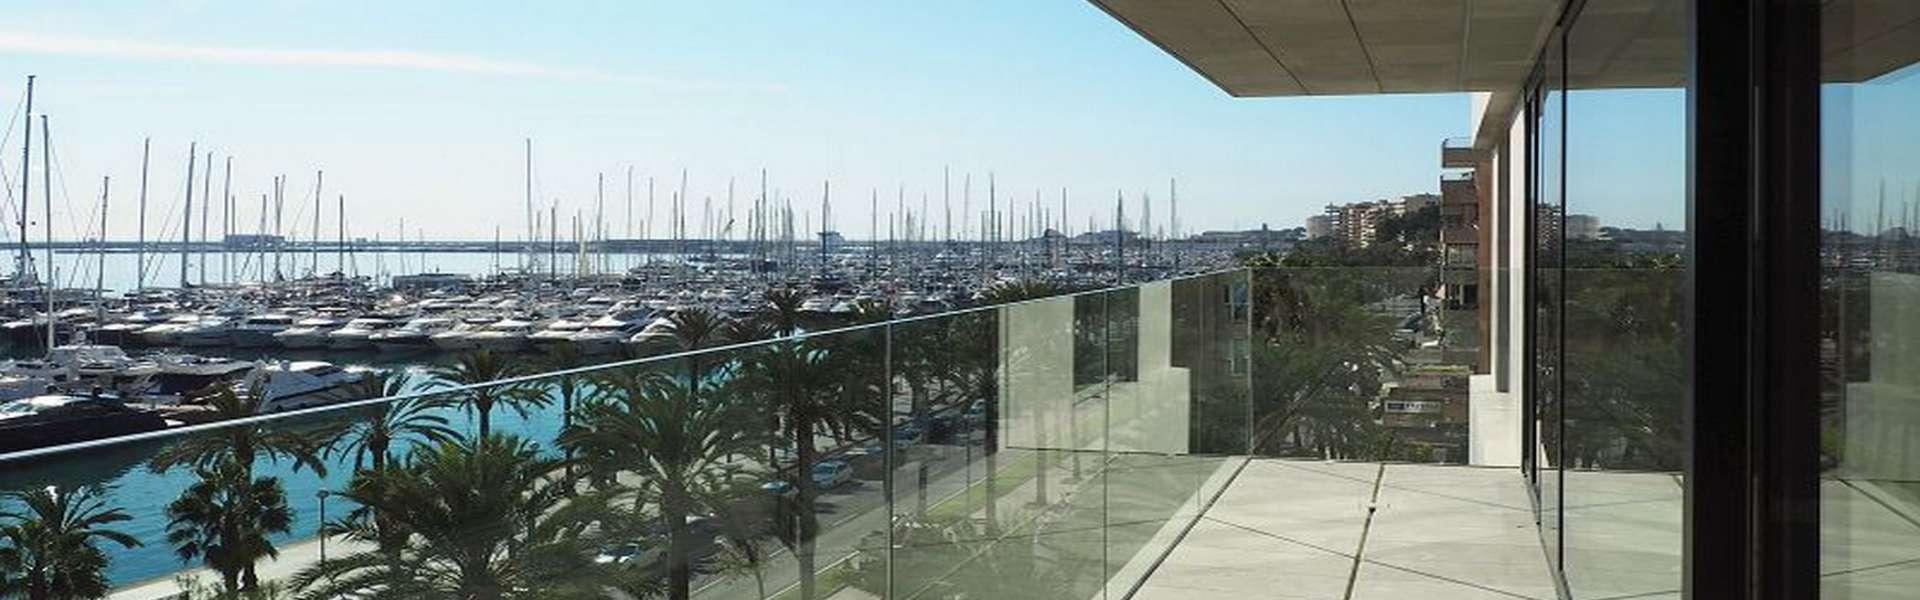 Palma/Paseo Marítimo - Schönes Apartment mit spektakulärer Aussicht